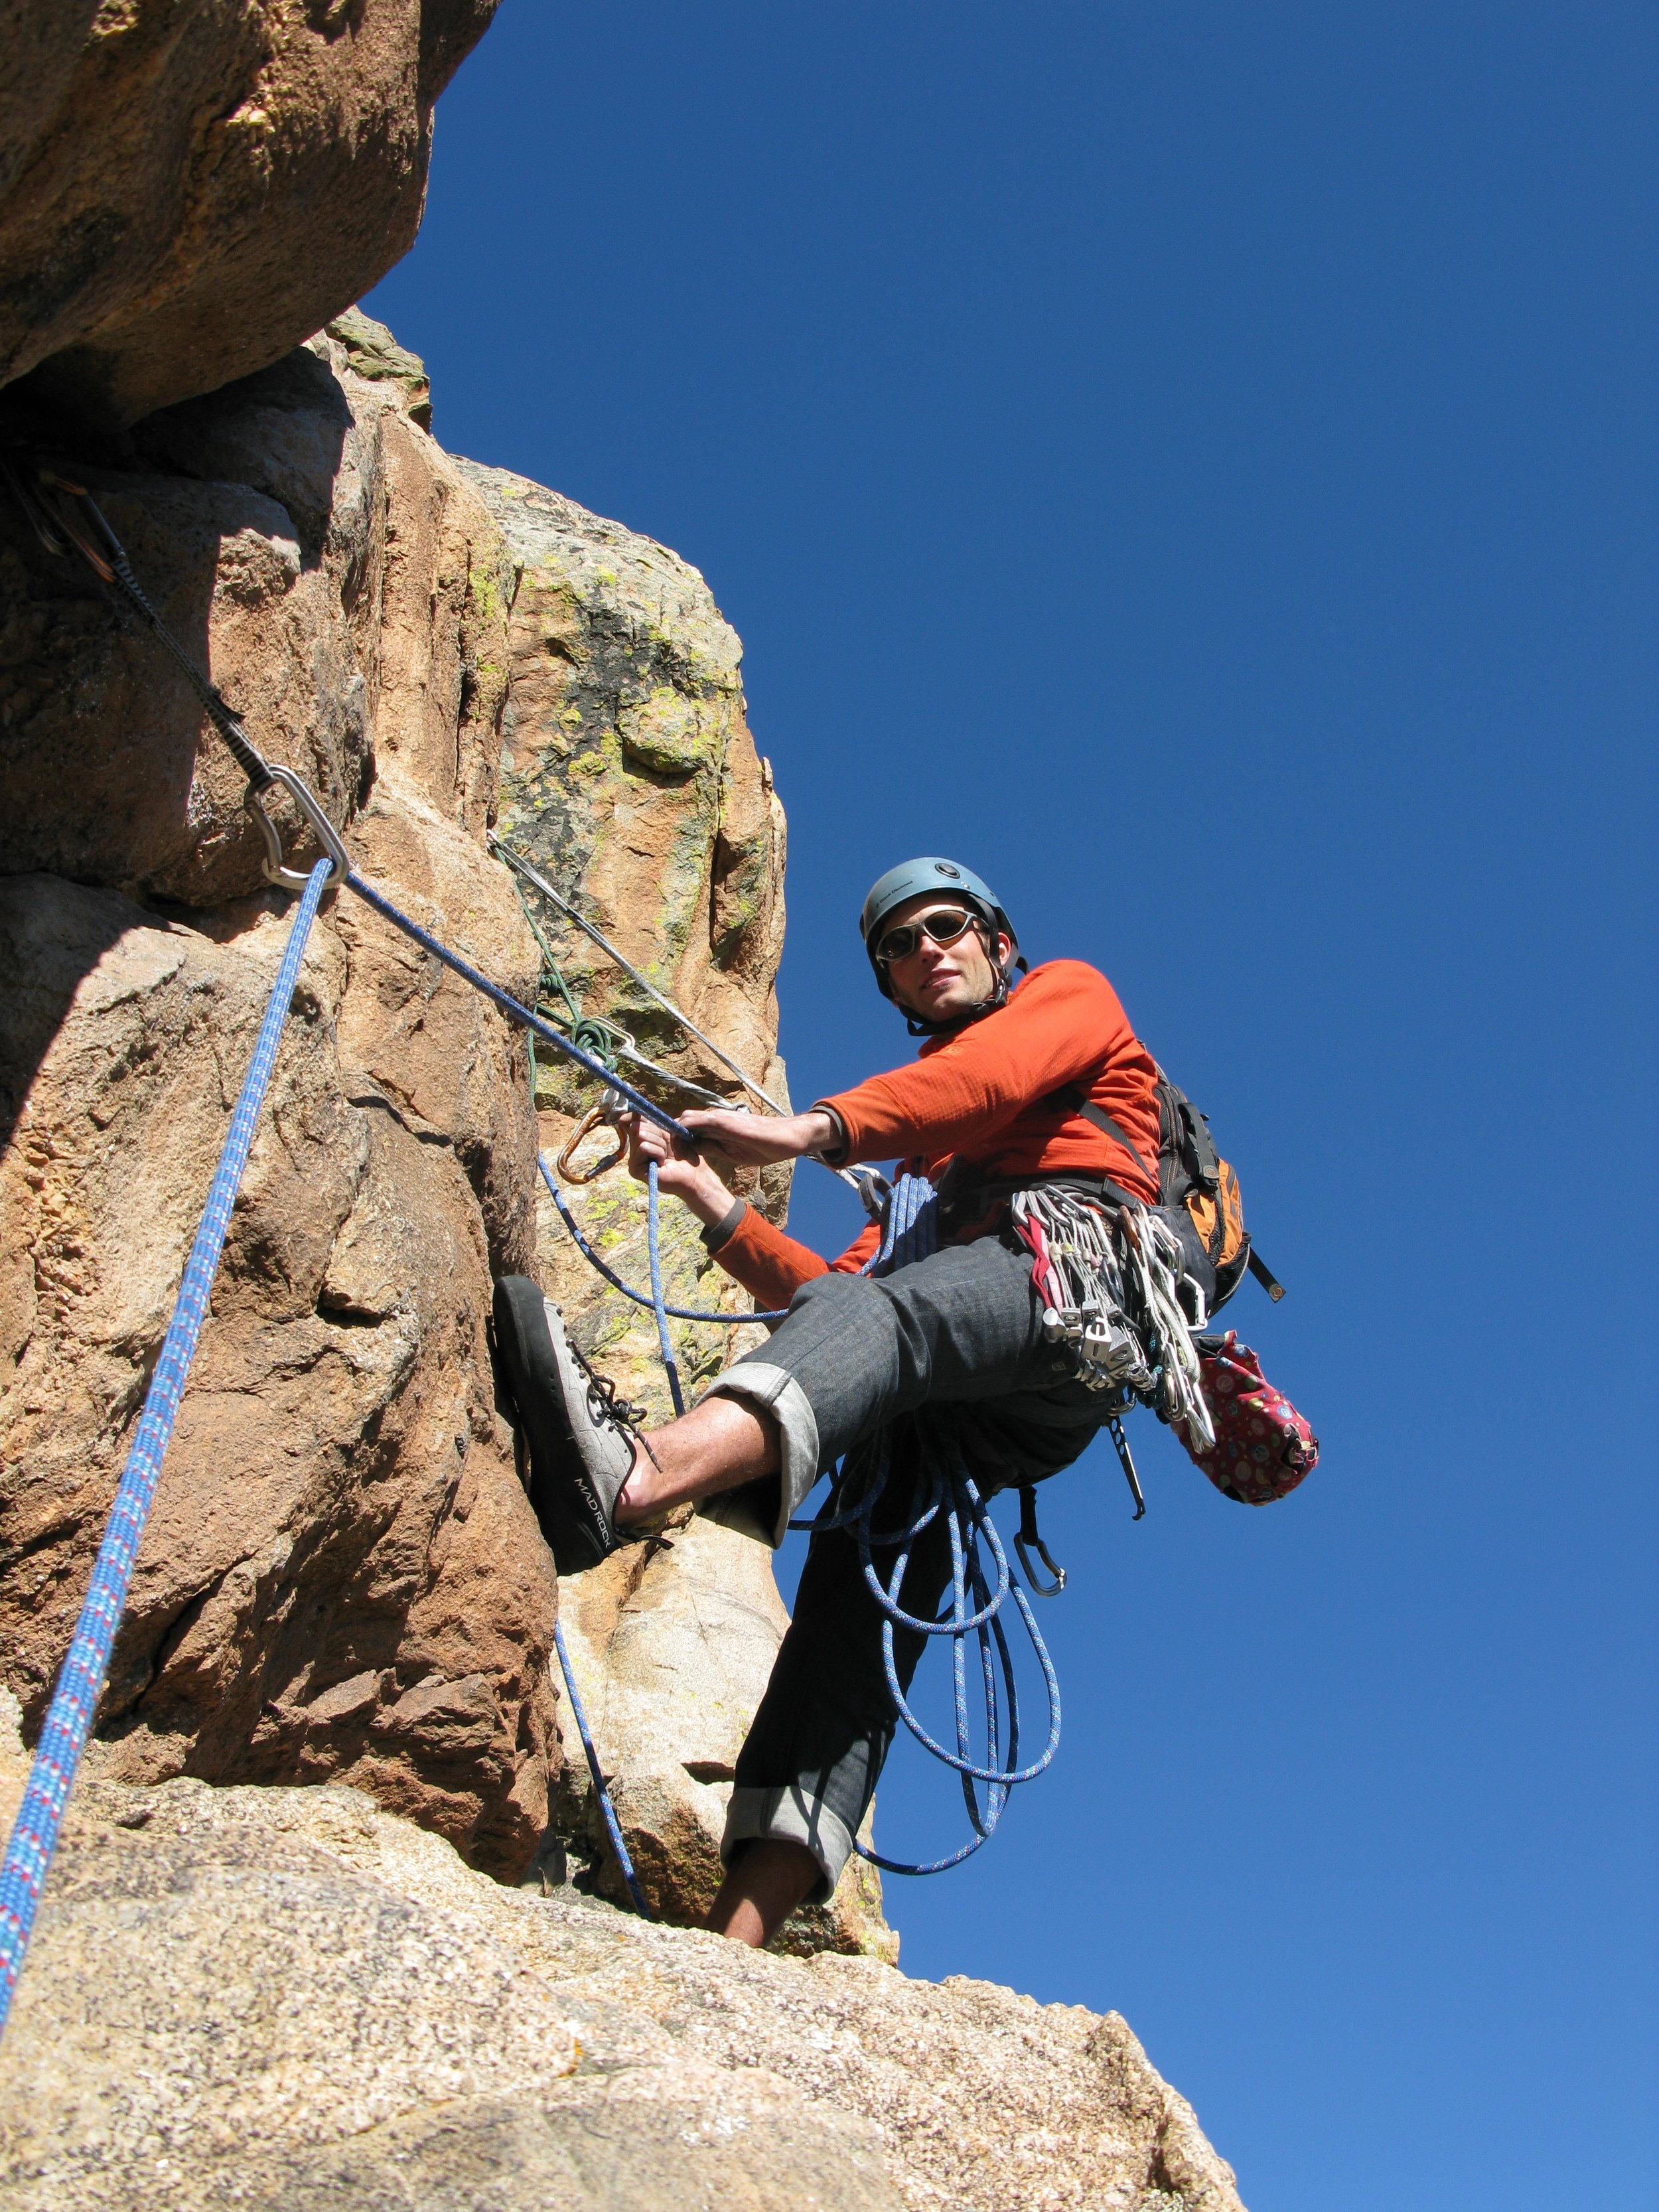 Buena Vista, Colorado   Rock Climbing    Learn More  ❄ ︾